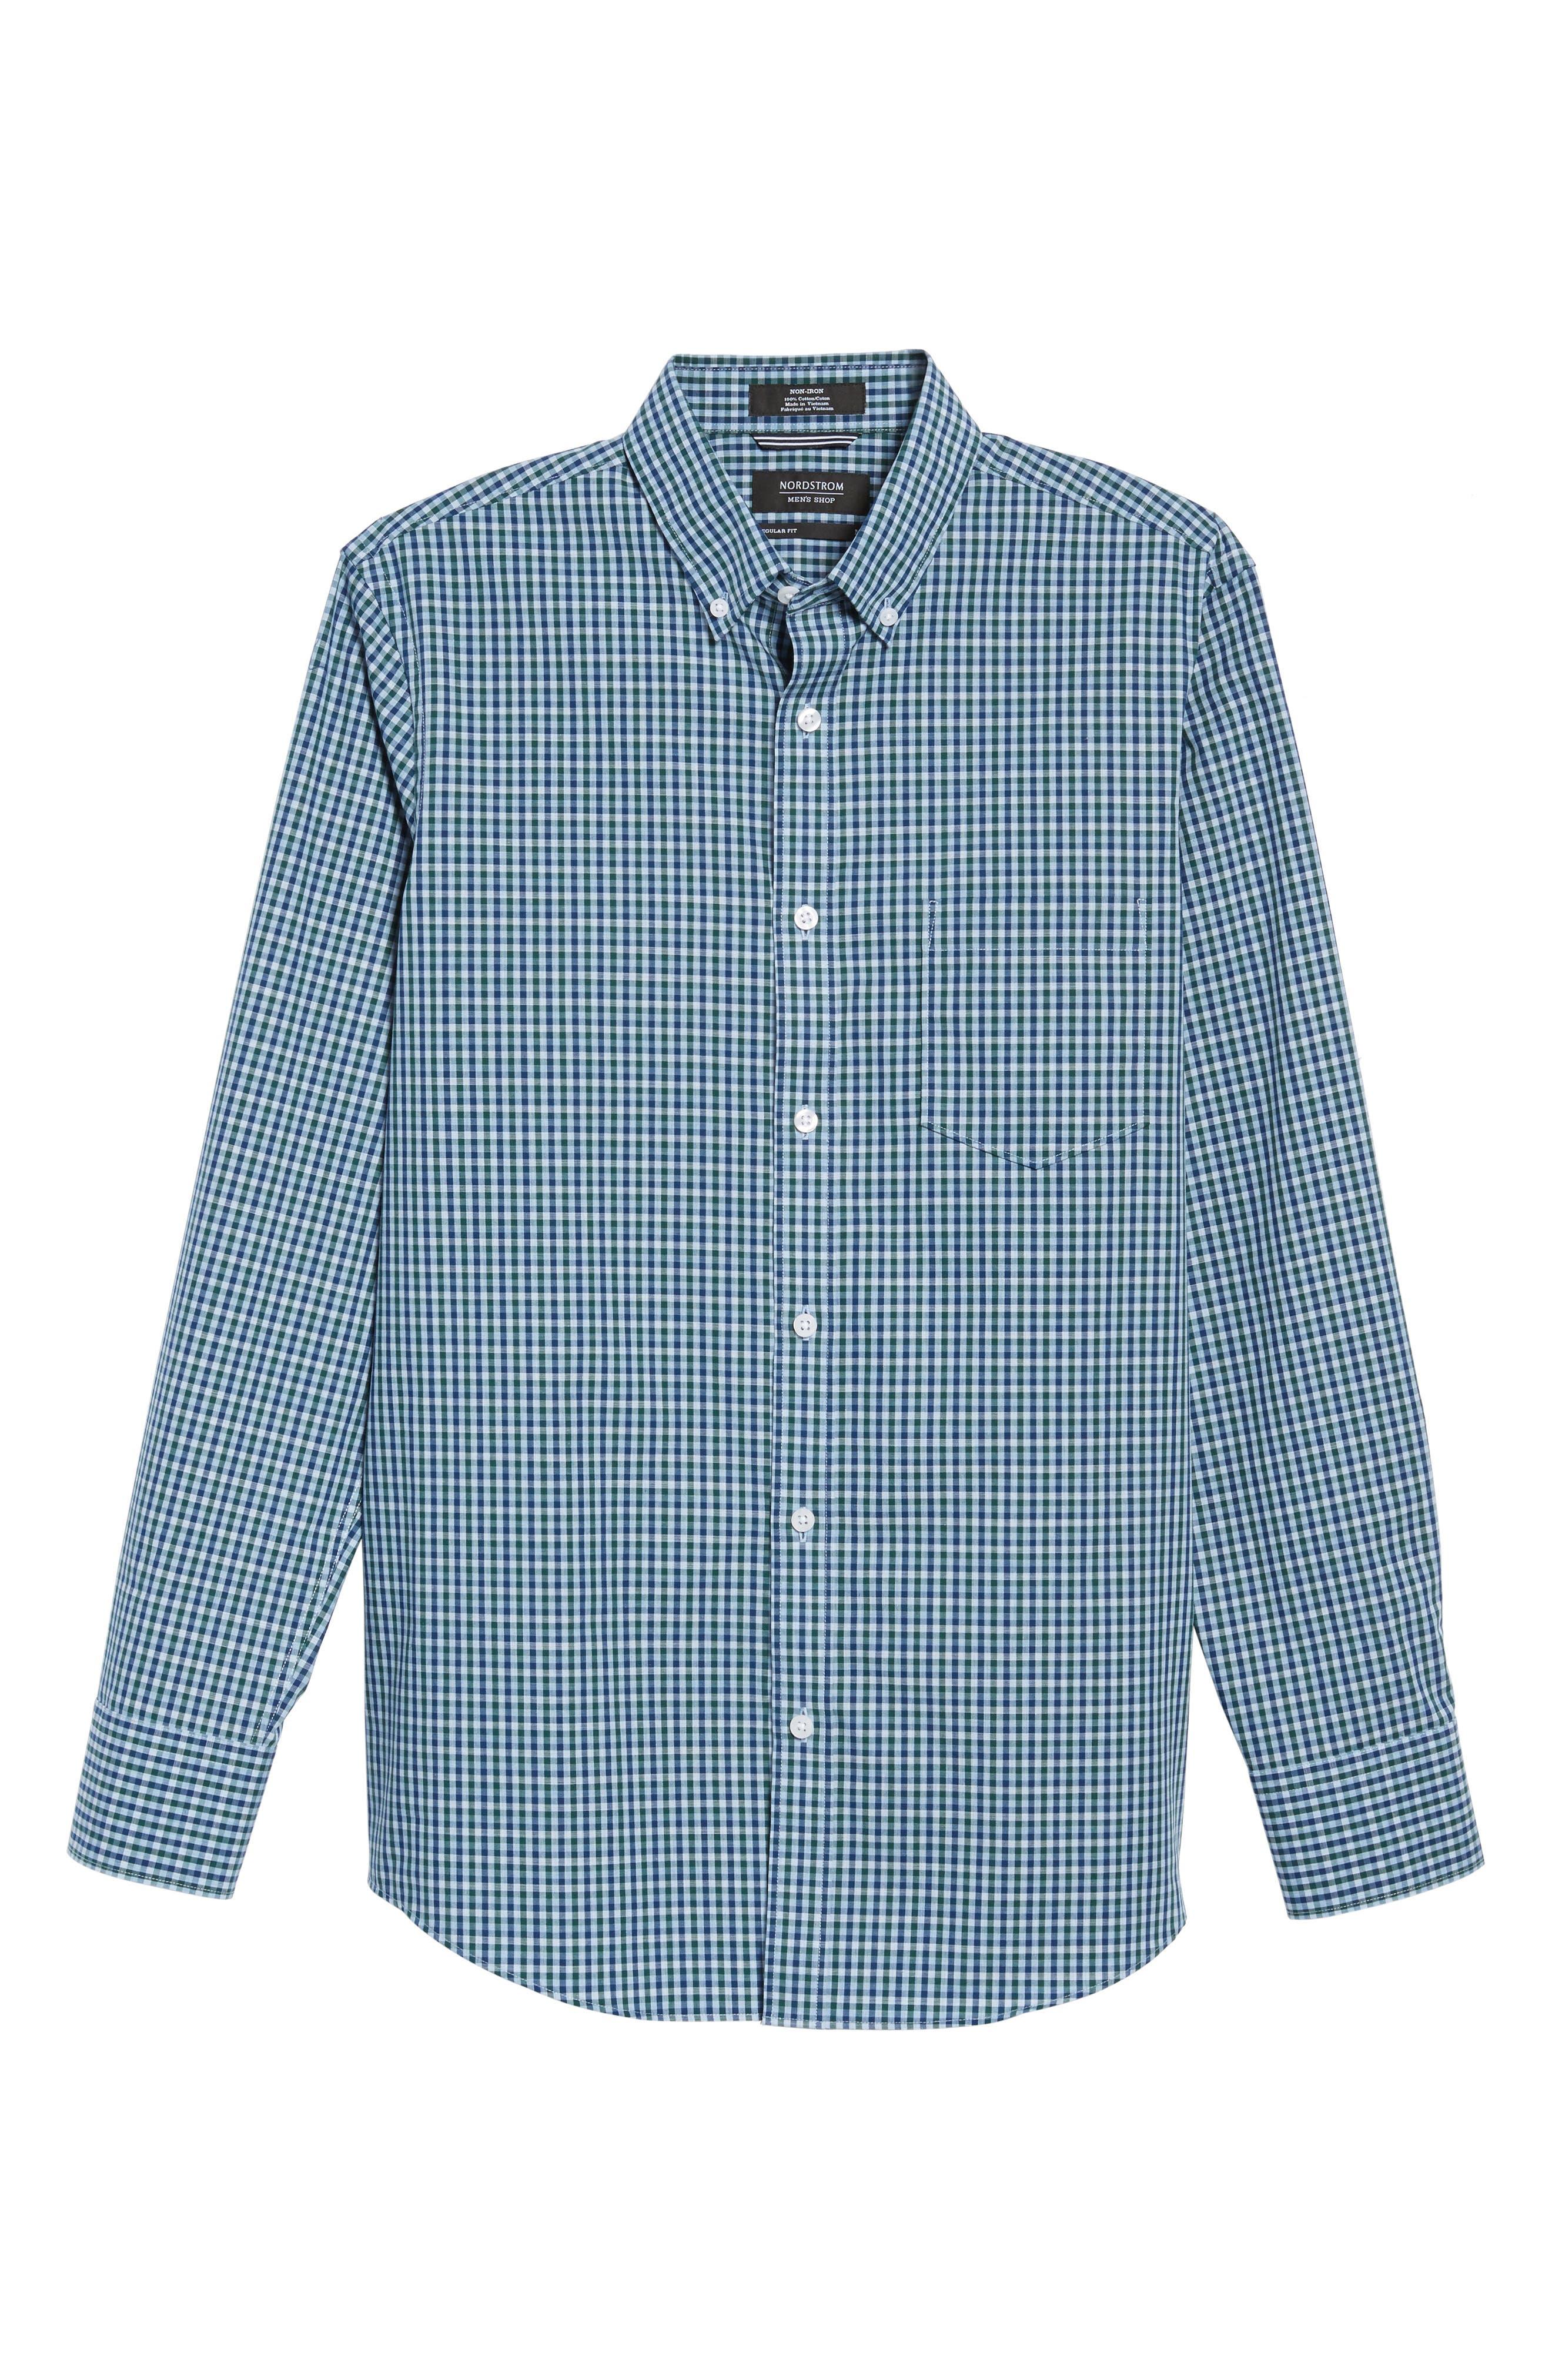 Regular Fit Non-Iron Mini Check Sport Shirt,                             Alternate thumbnail 6, color,                             310